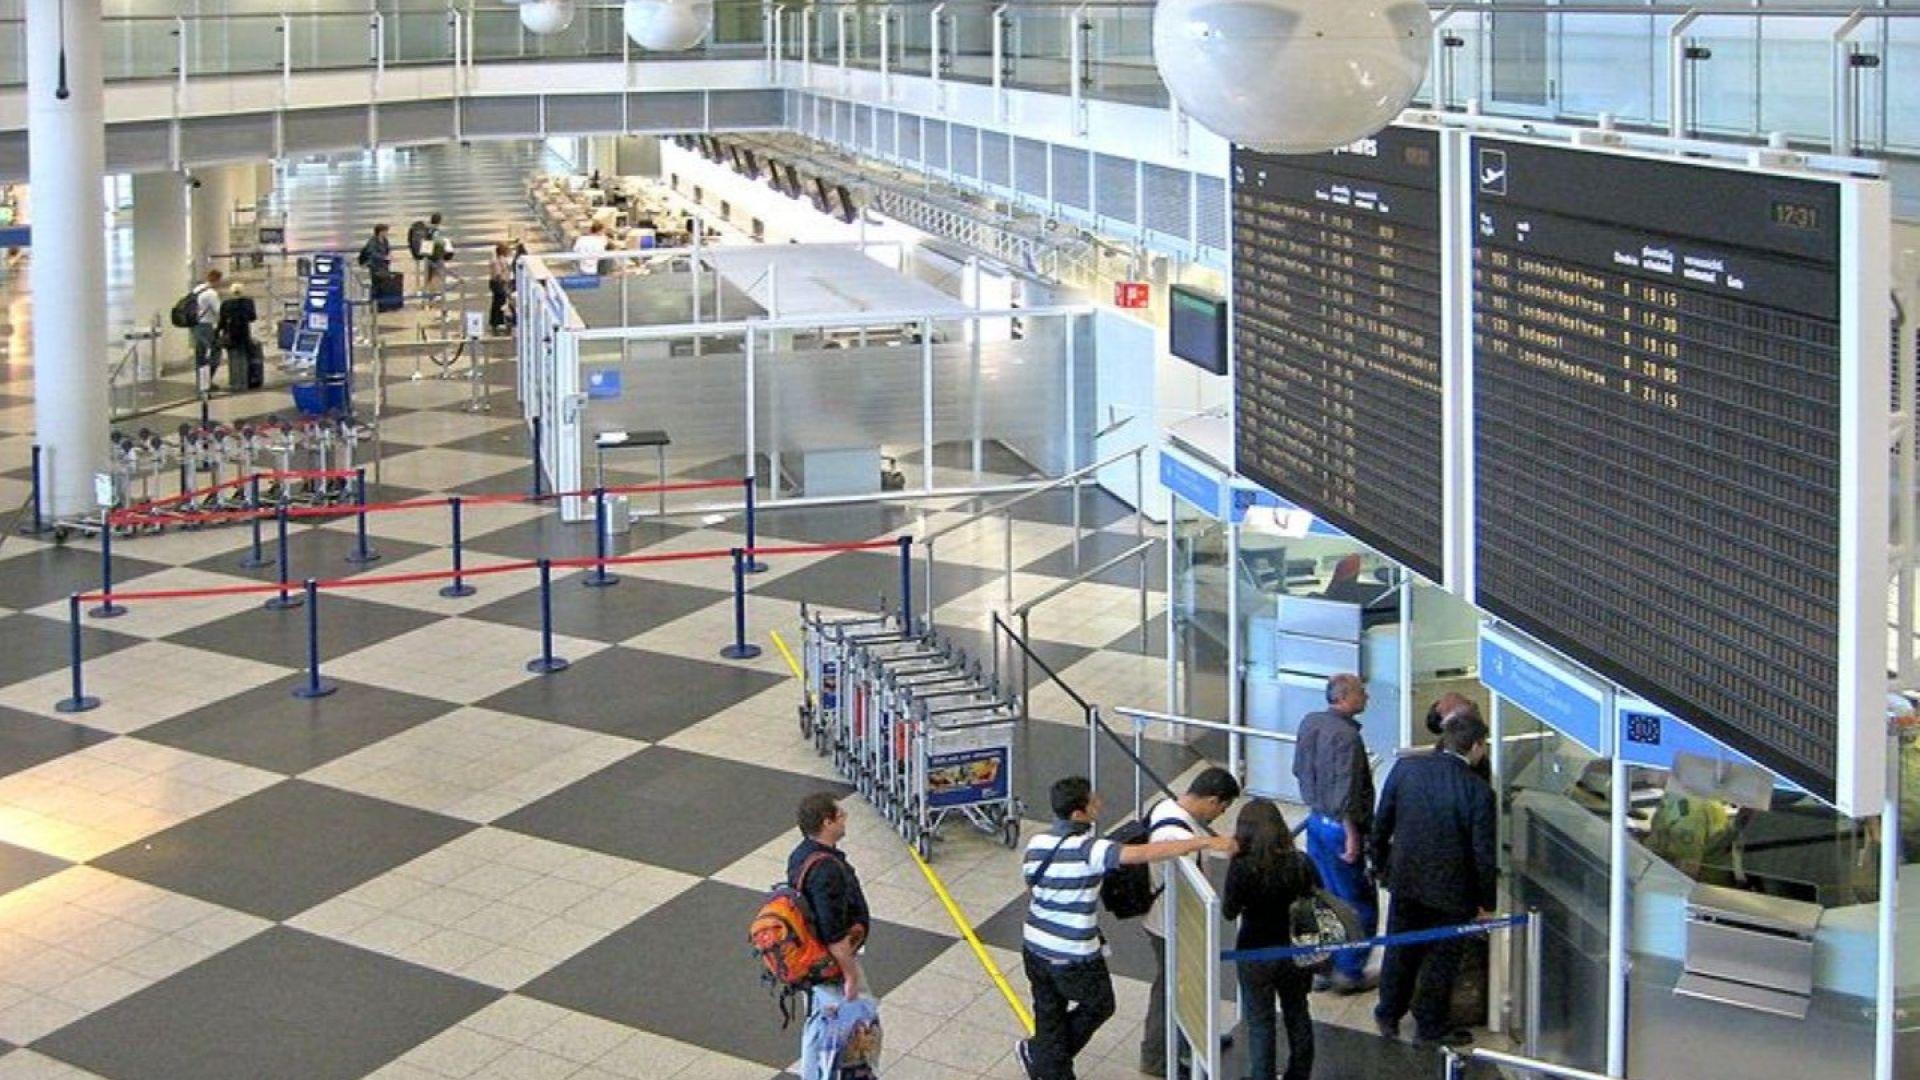 Затворен бе един от терминалите  на летището в Мюнхен